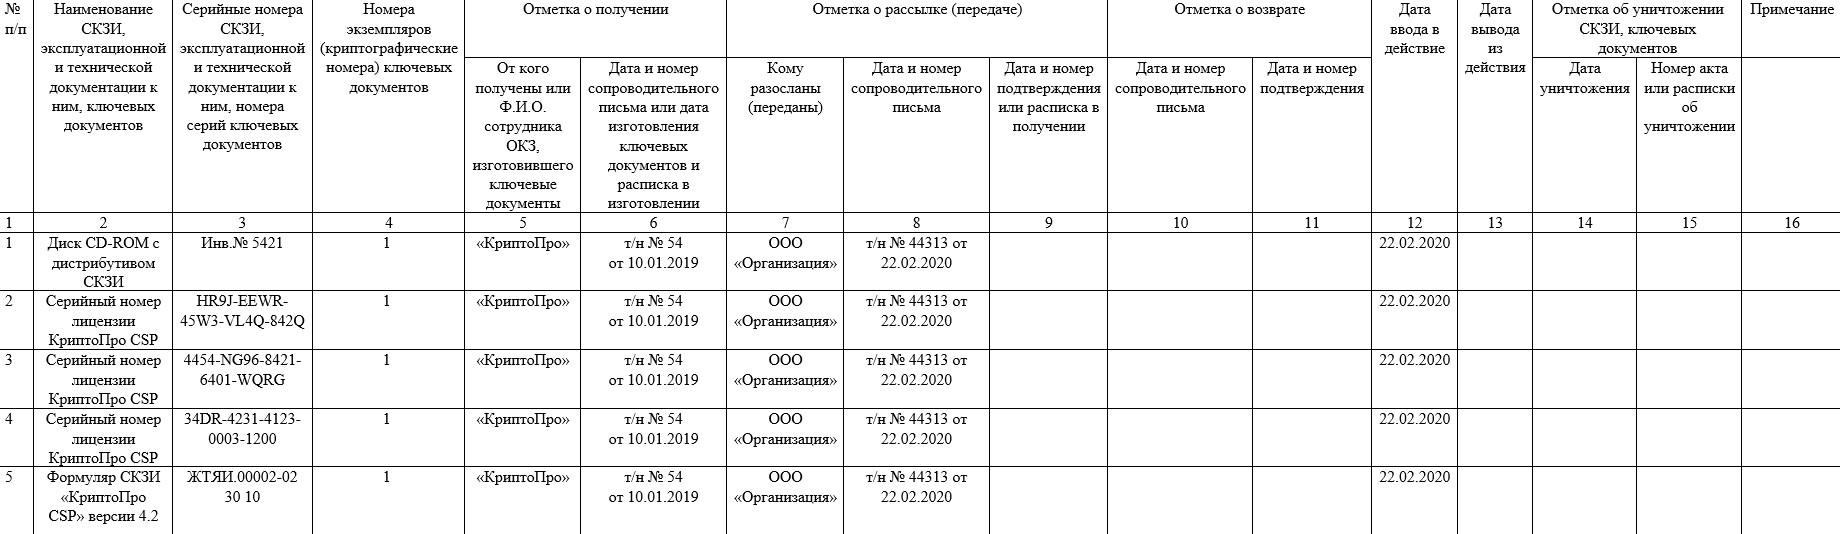 Журнал поэкземплярного учета СКЗИ для органа криптографической защиты